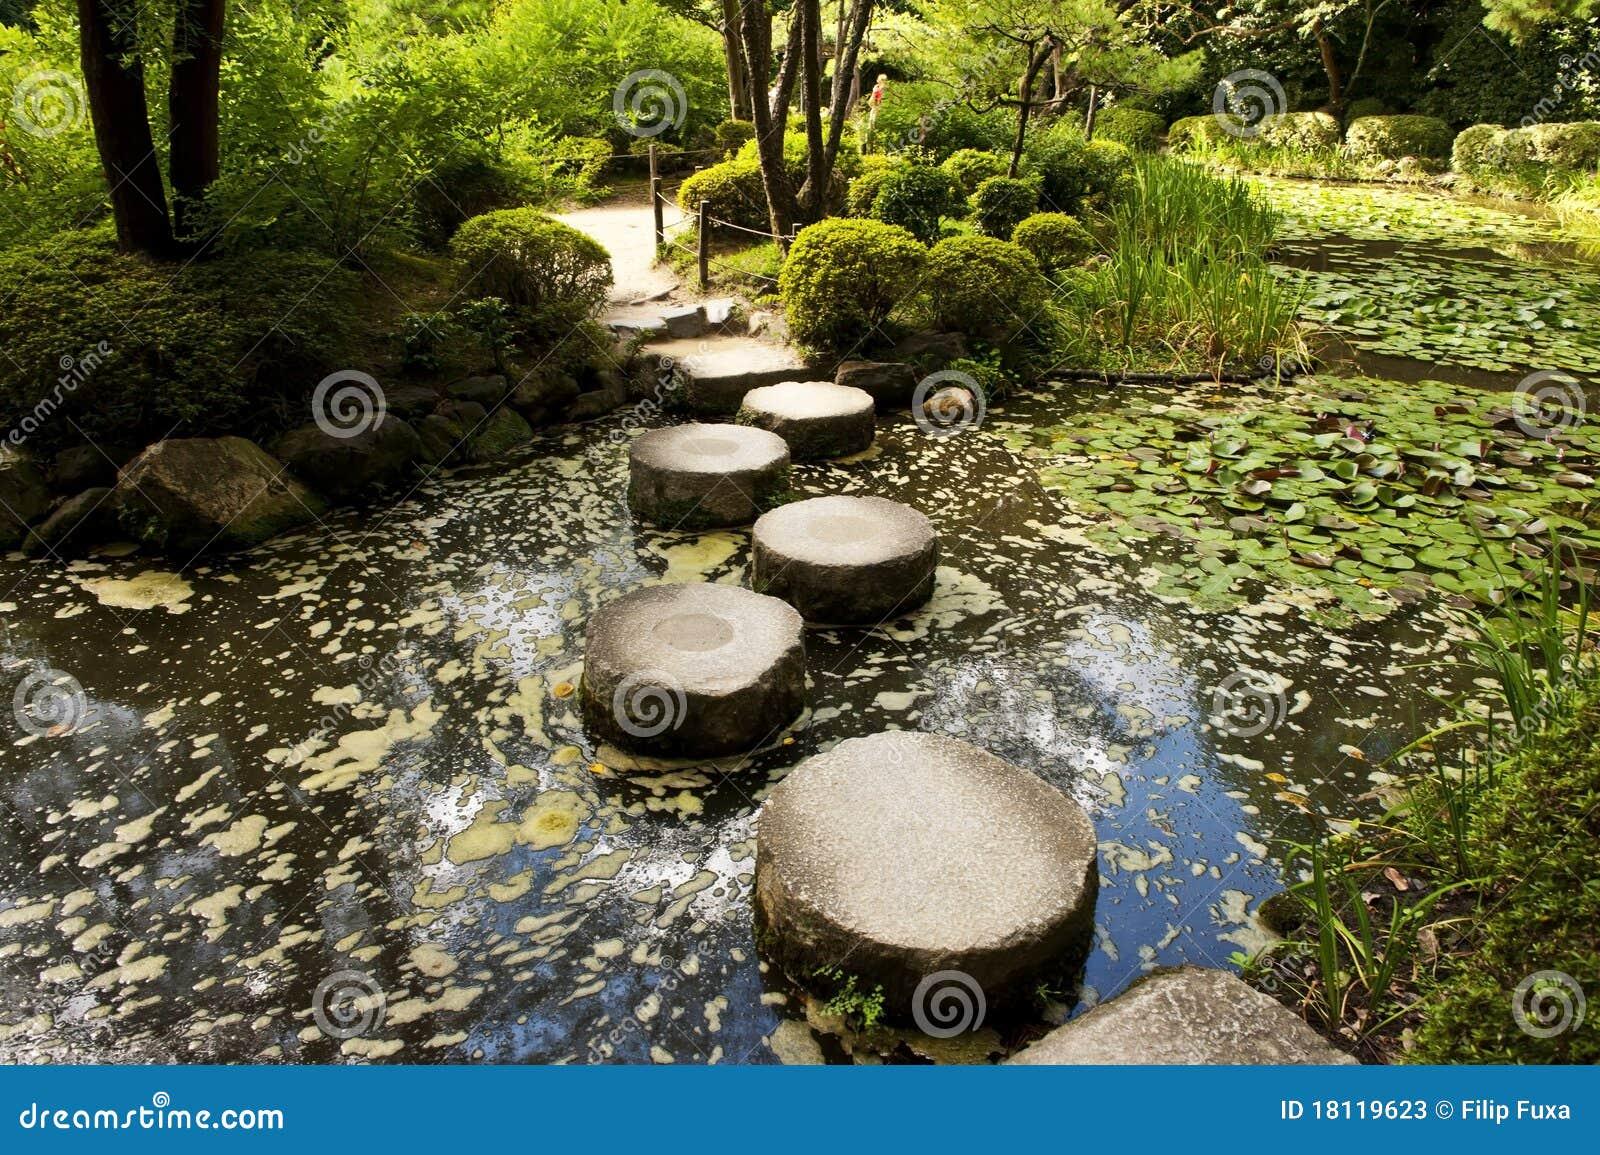 Stone zen path